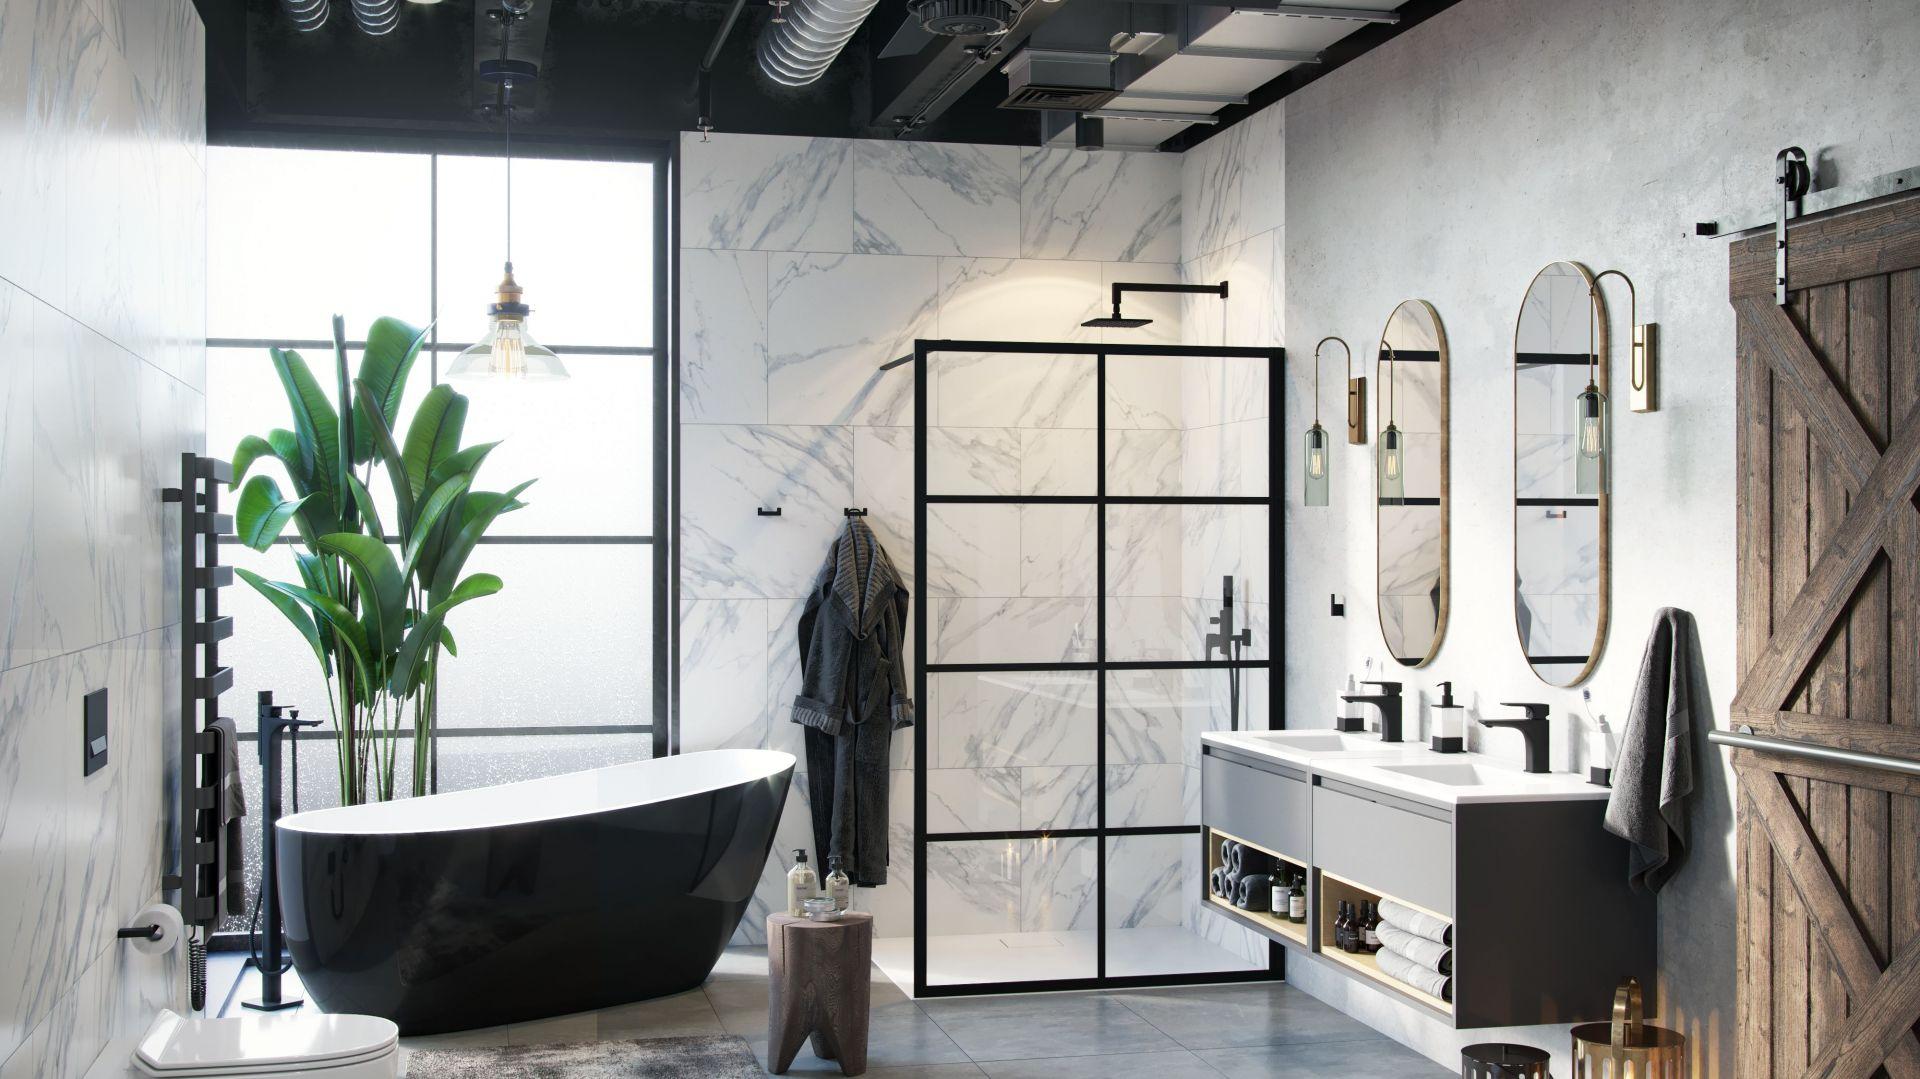 Modna strefa prysznica. 15 pomysłów na urządzenie Fot. Excellent